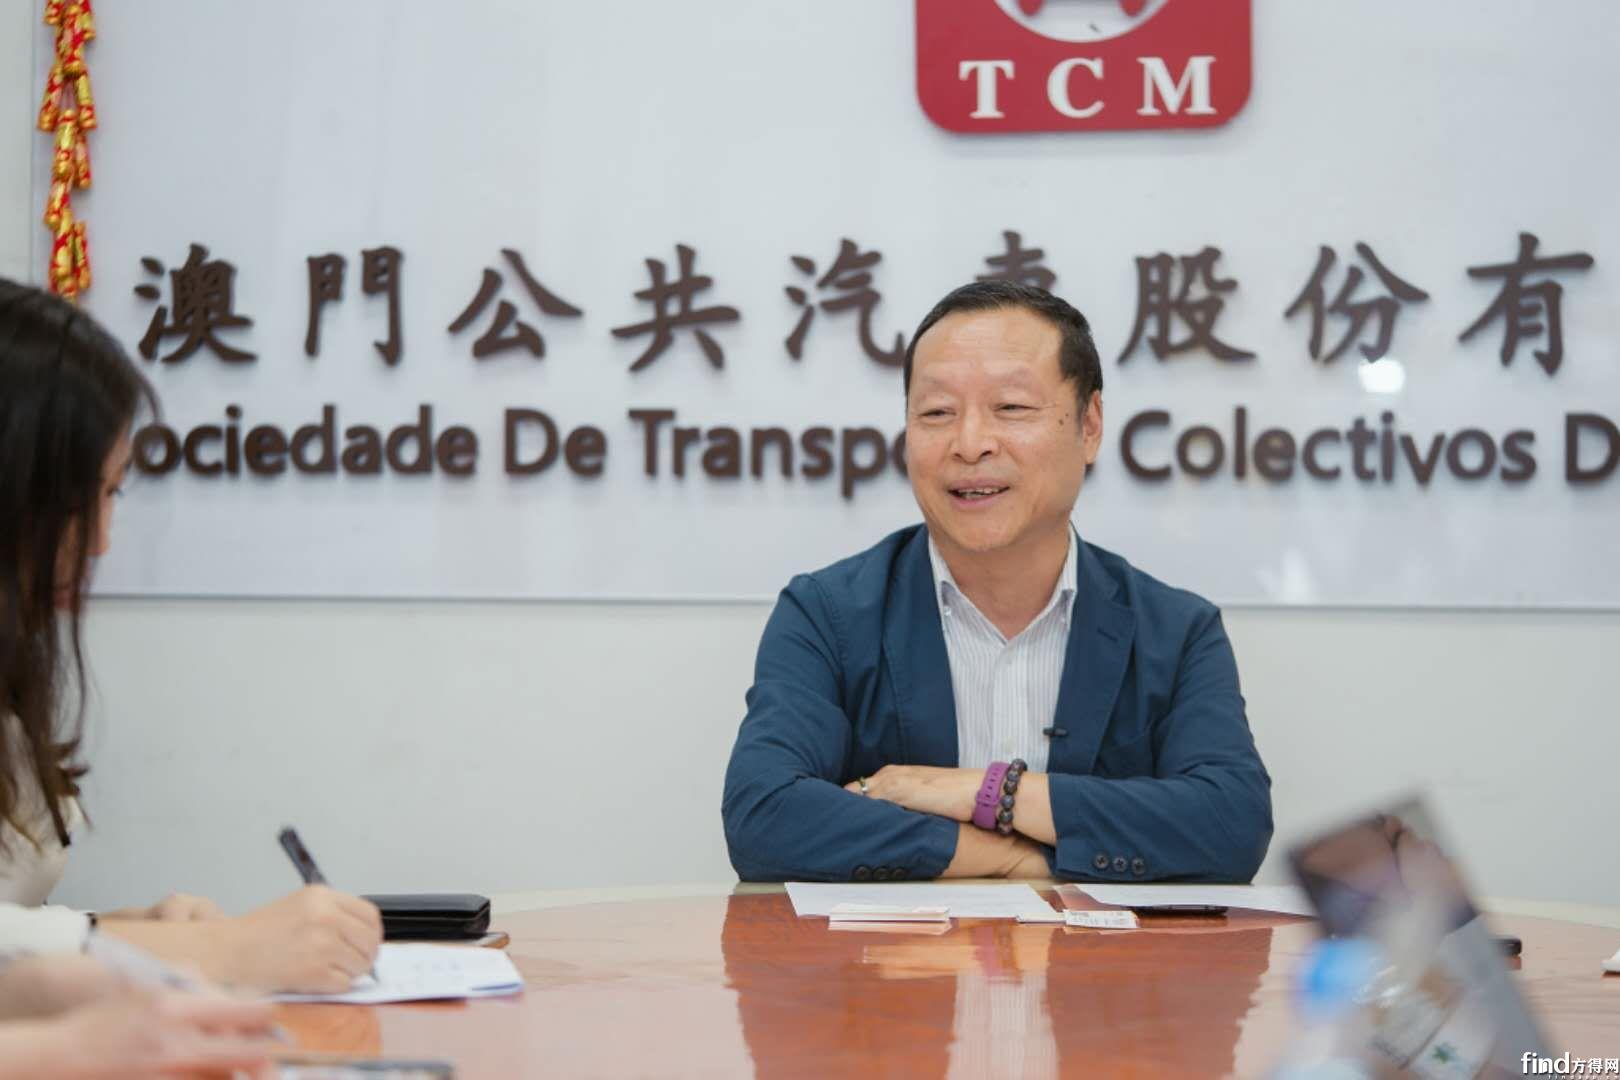 澳门公共汽车股份有限公司副总经理郑炳灿先生